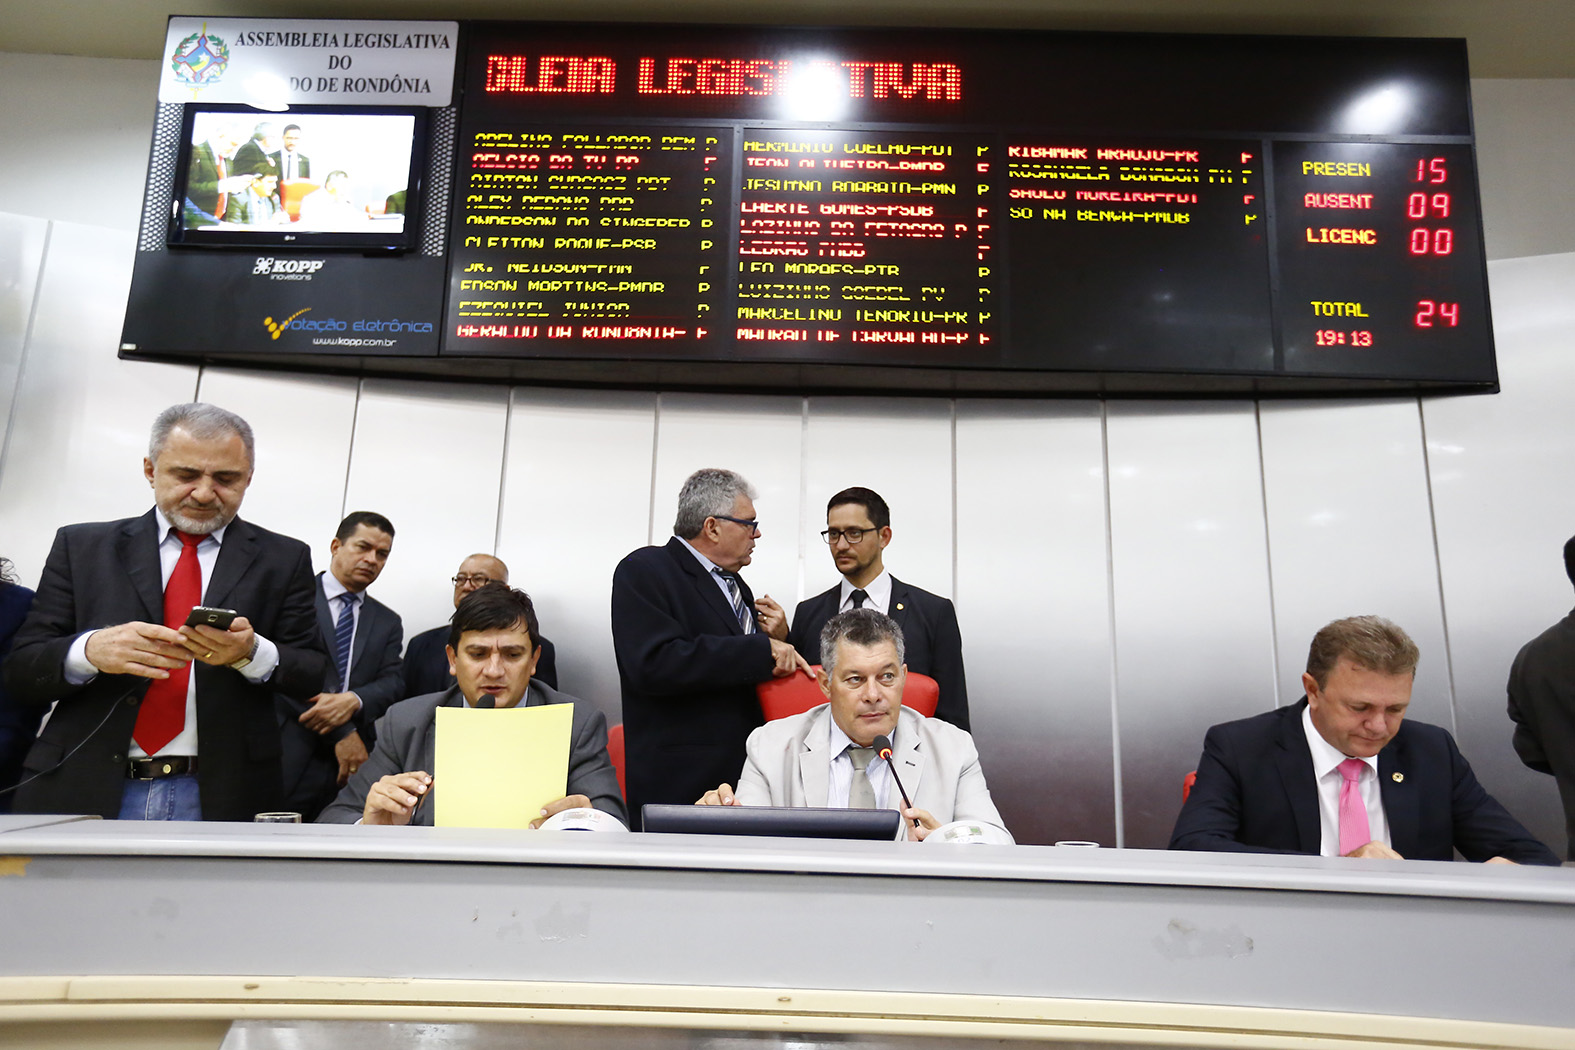 deputados-aprovam-projeto-que-institui-gestao-democratica-em-escolas-estaduais.jpg